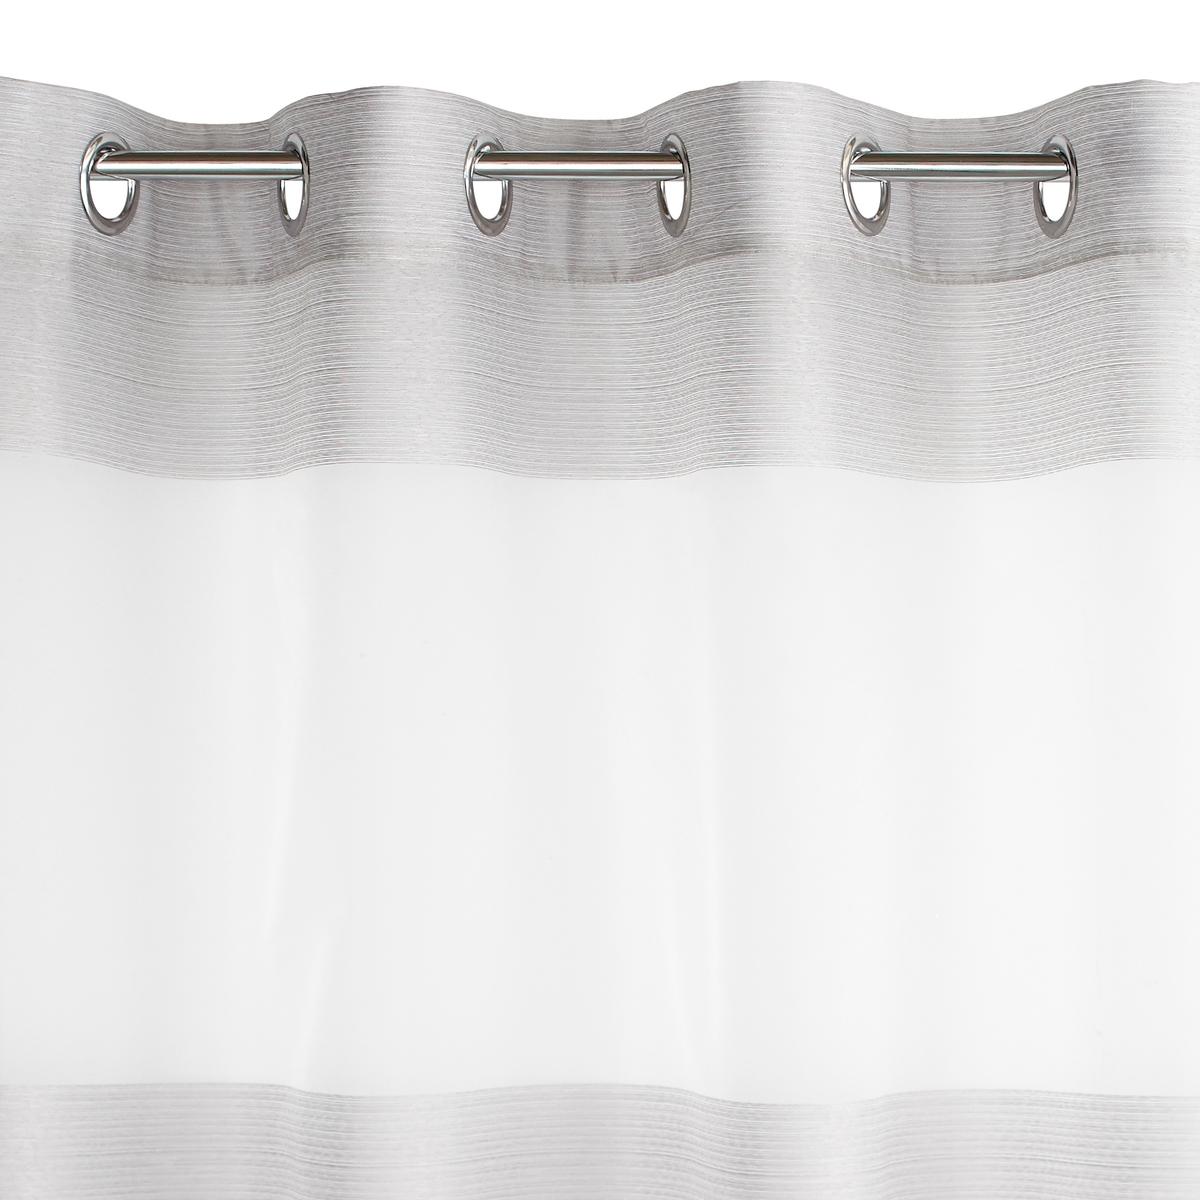 Занавеска в полоску, с люверсами, JustorЗанавеска из окрашенной ткани  Justor, 100% полиэстер  Состав и описание :Материал : 100% полиэстер, люверсы серебристого цвета сверху, подшитый низ.Уход: машинная стирка при 30°C<br><br>Цвет: белый<br>Размер: 250 x 140  см